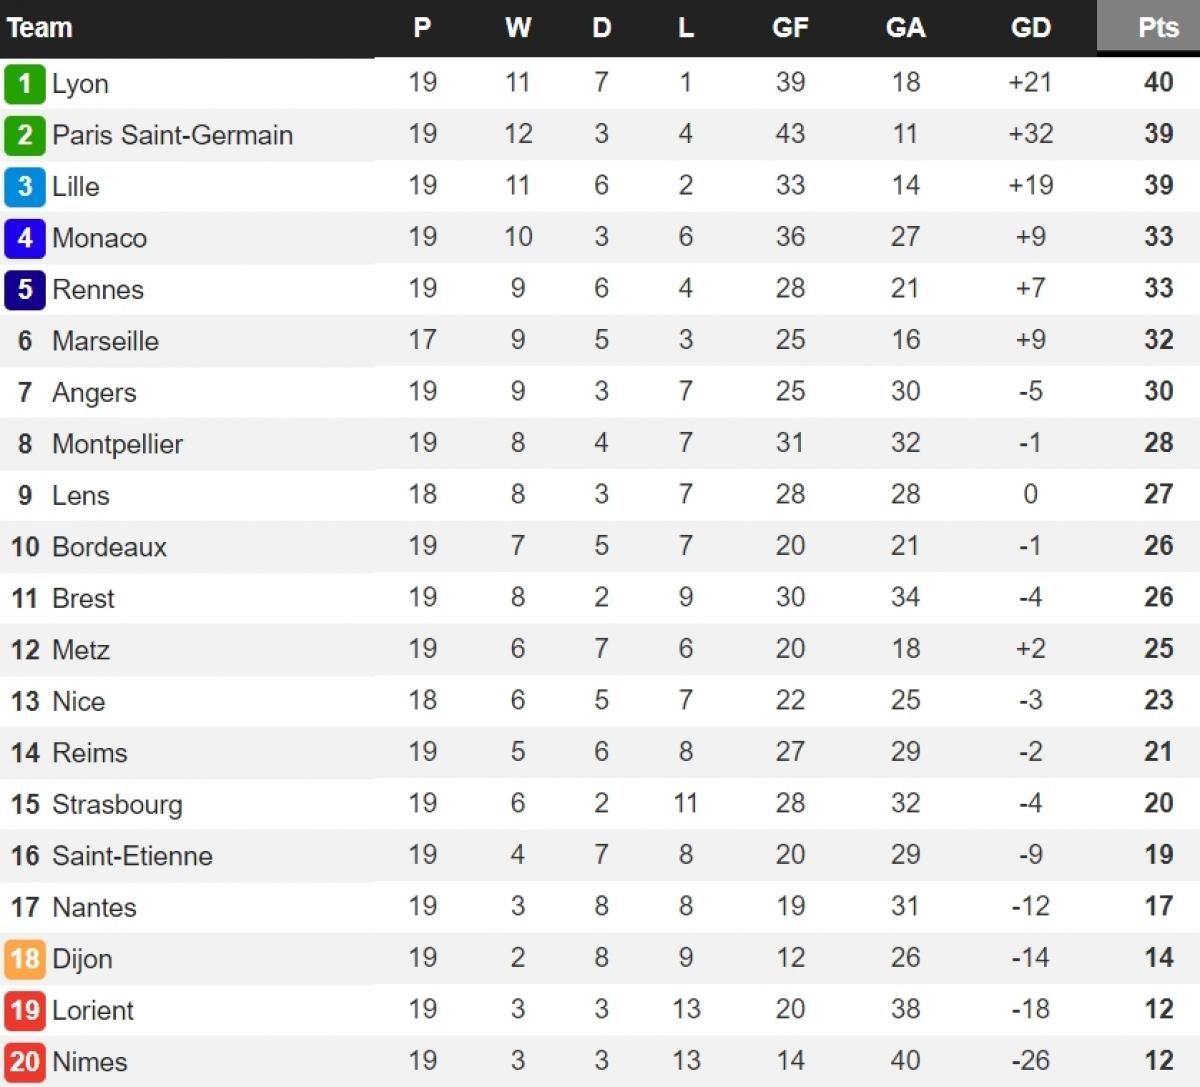 PSG chỉ kém ngôi đầu bảng của Lyon đúng 1 điểm.